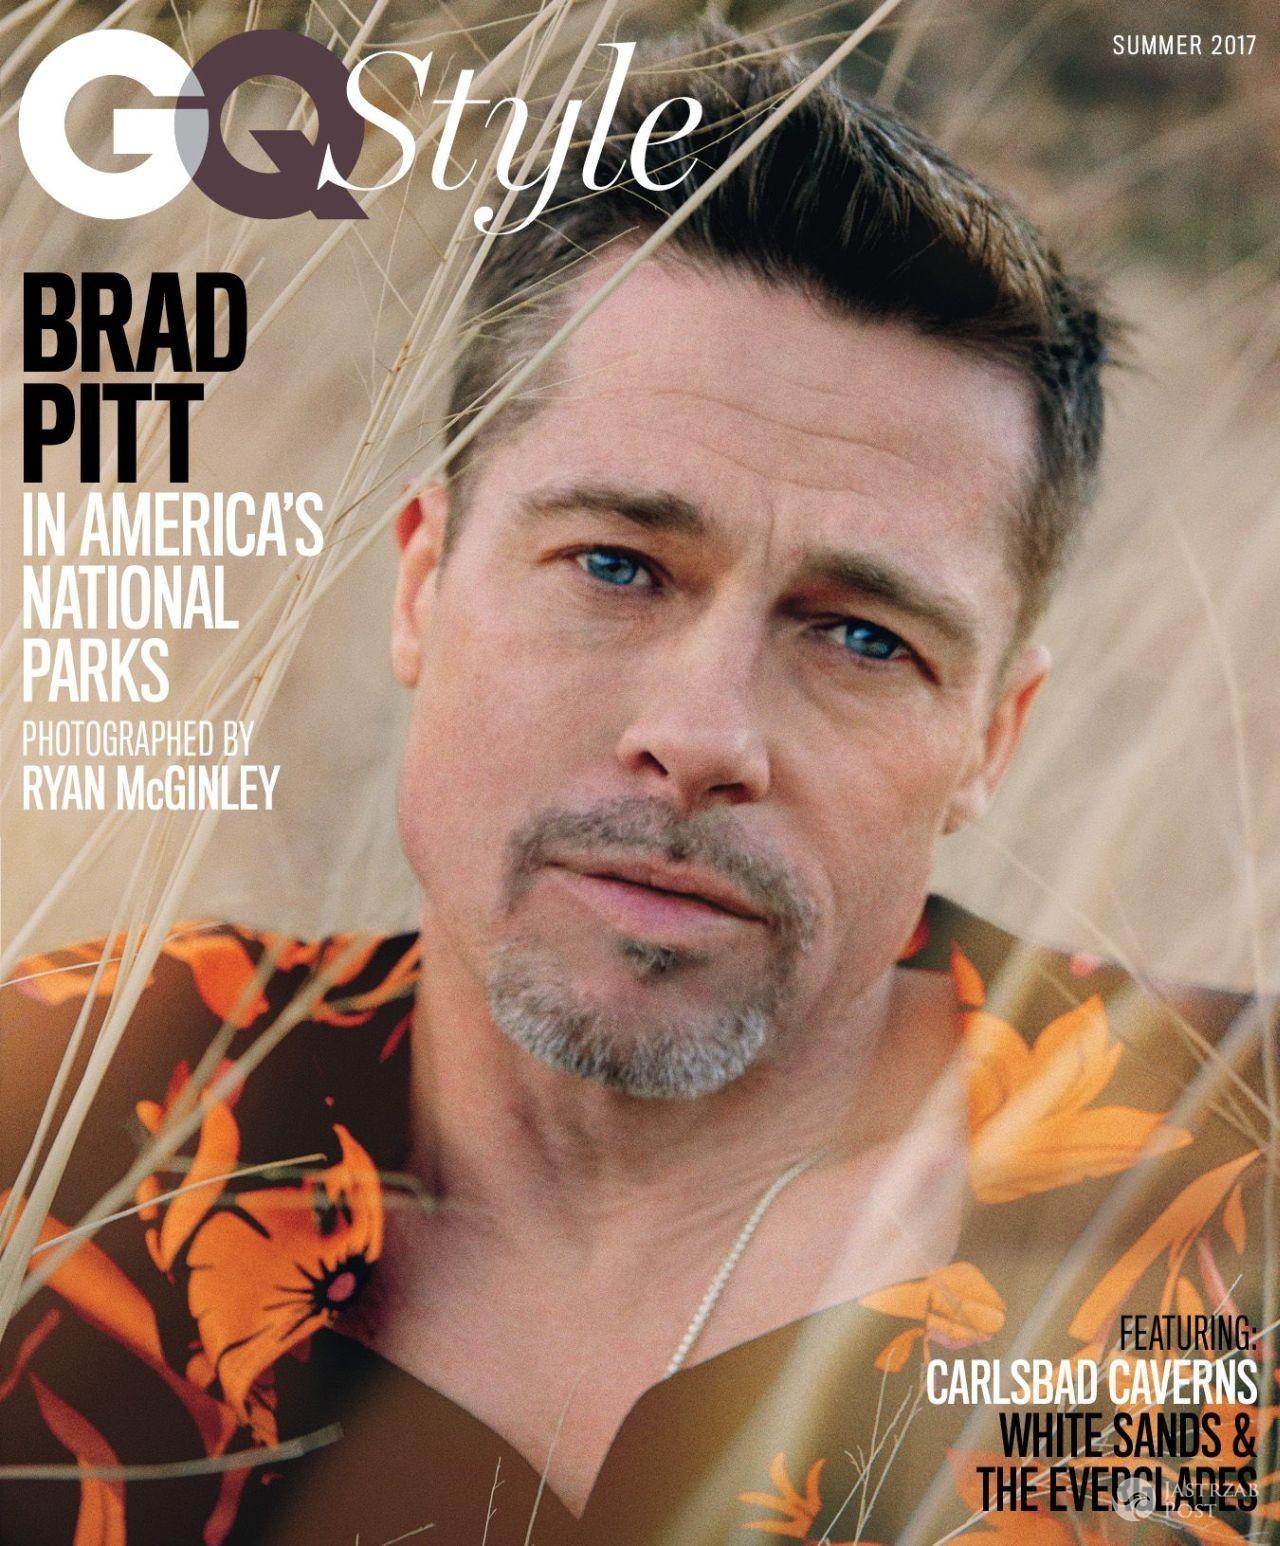 Okładka i wywiad z Bradem Pittem dla GQ